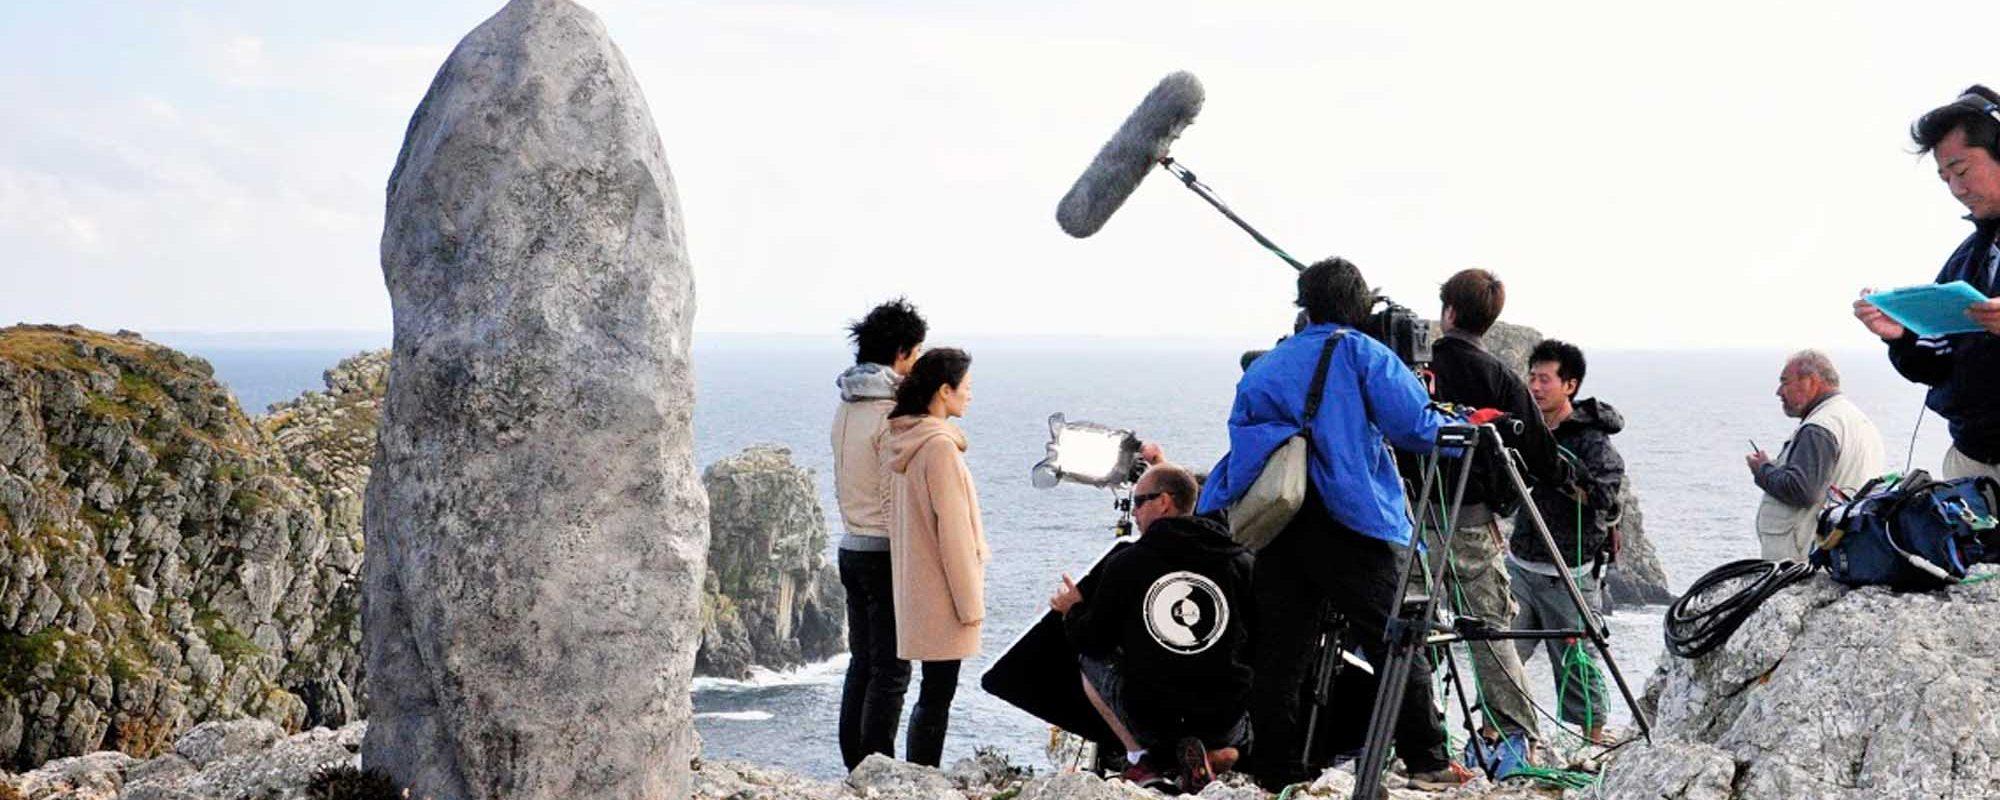 réalisation d'un décor de menhir pour les besoins d'un tournage de film en Bretagne